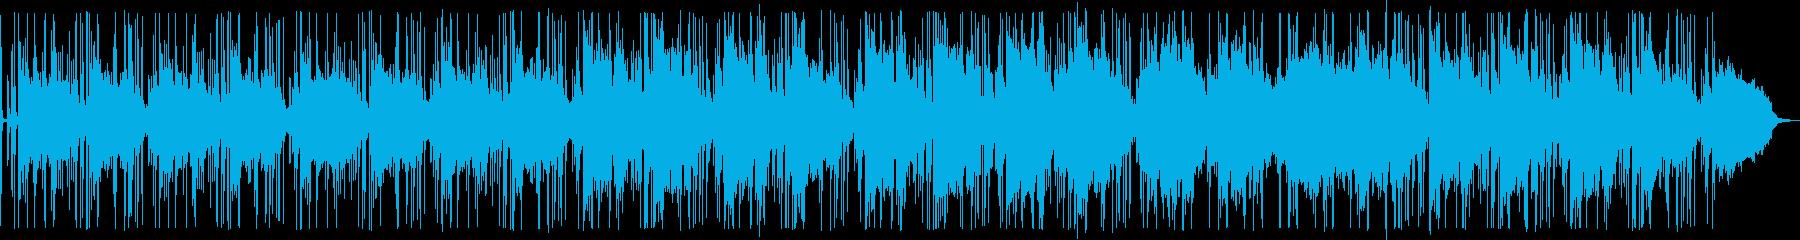 少しずつ手順を進める雰囲気の明るい曲の再生済みの波形